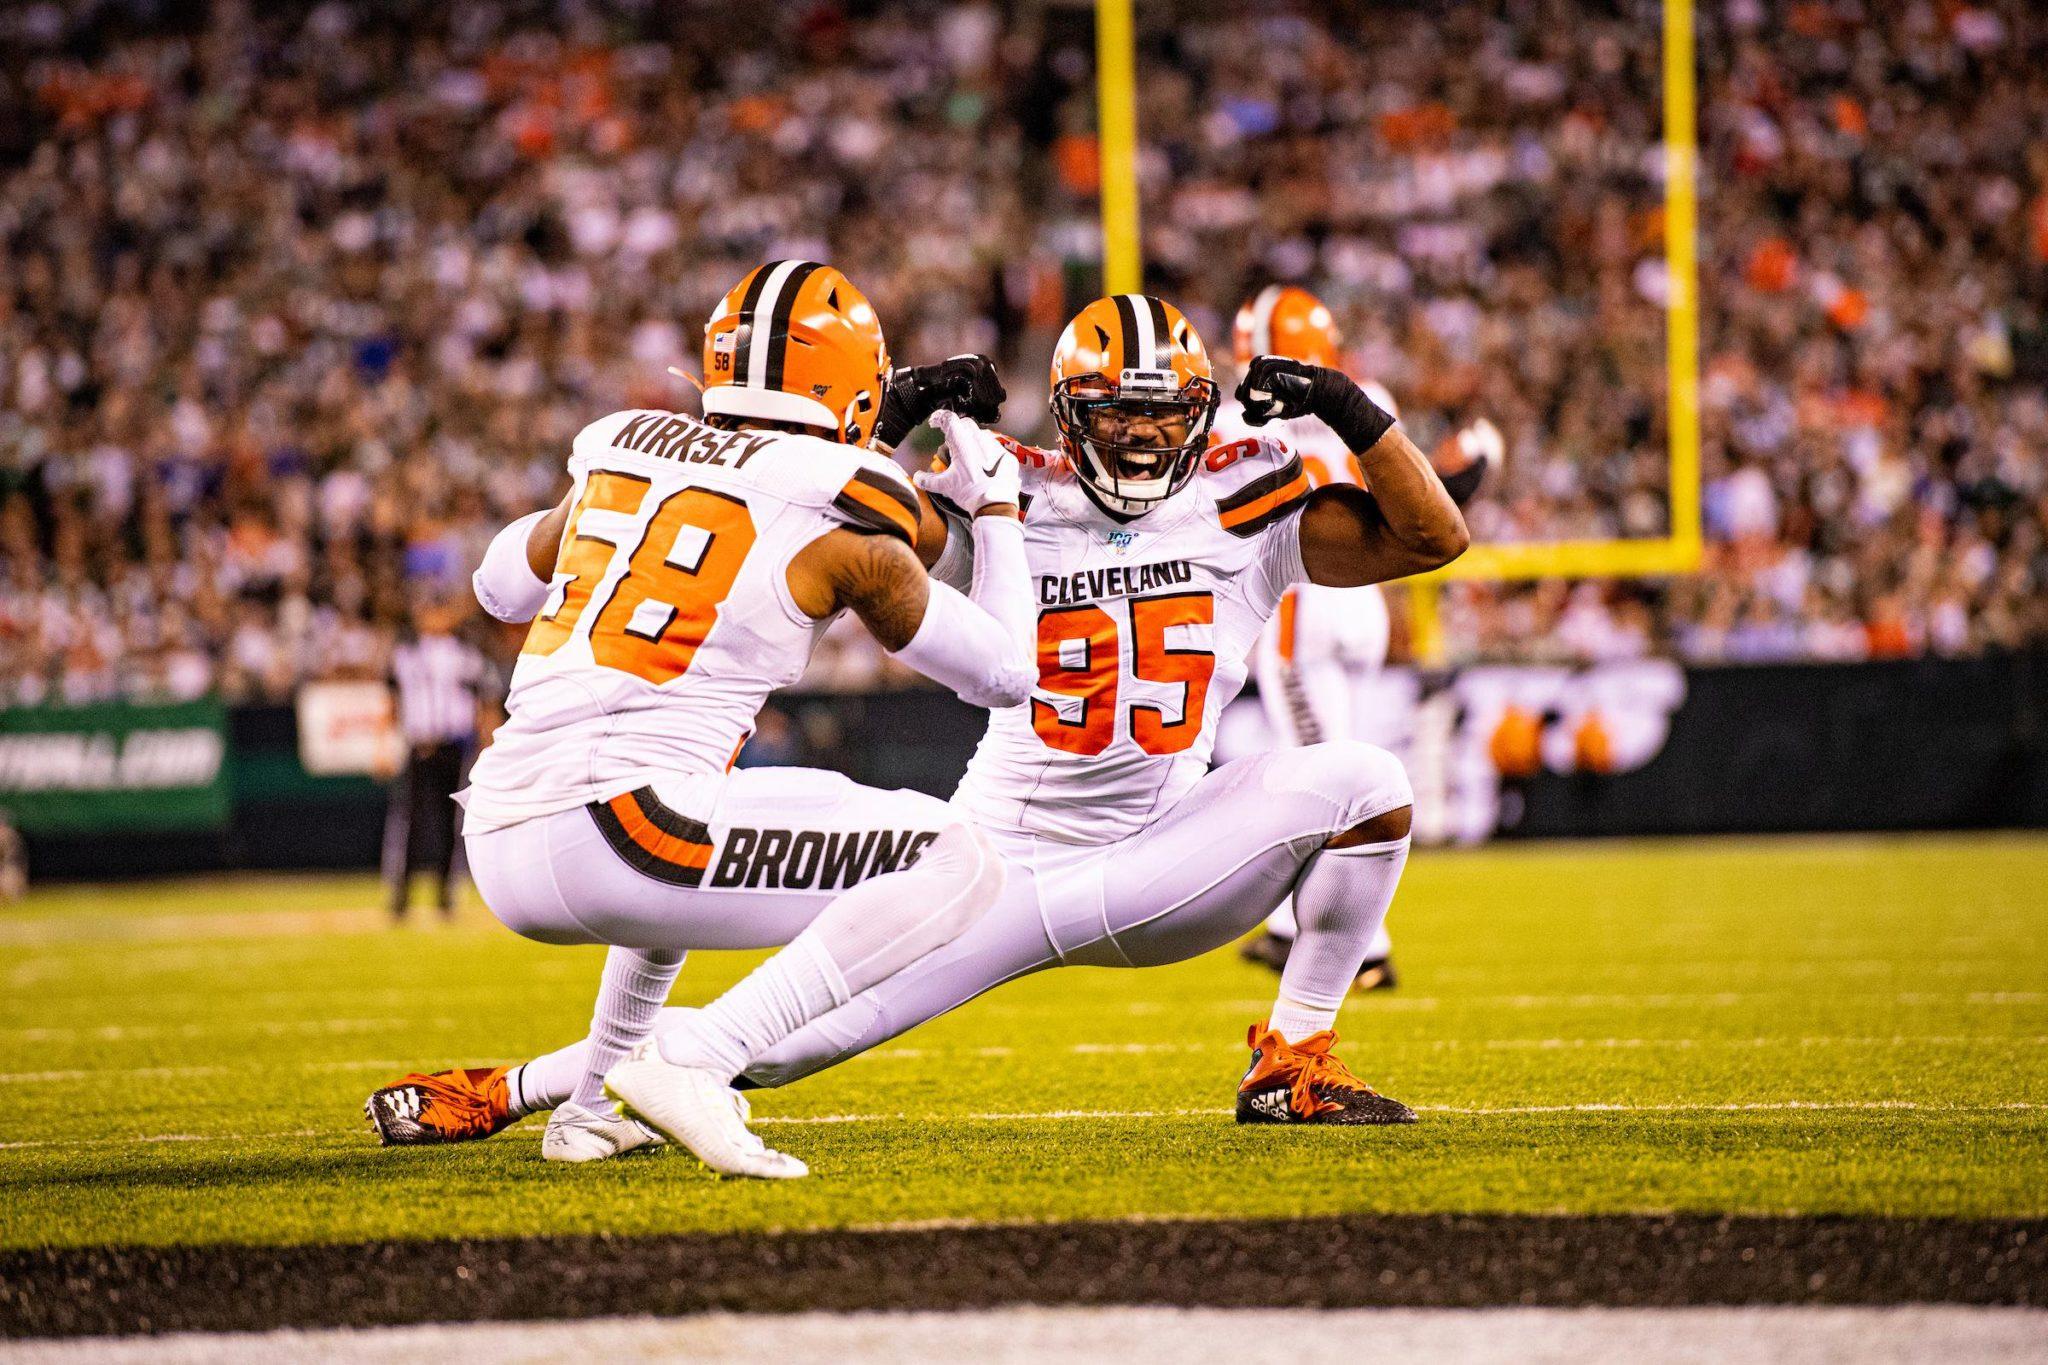 Browns venció a los Jets. Foto: Twitter